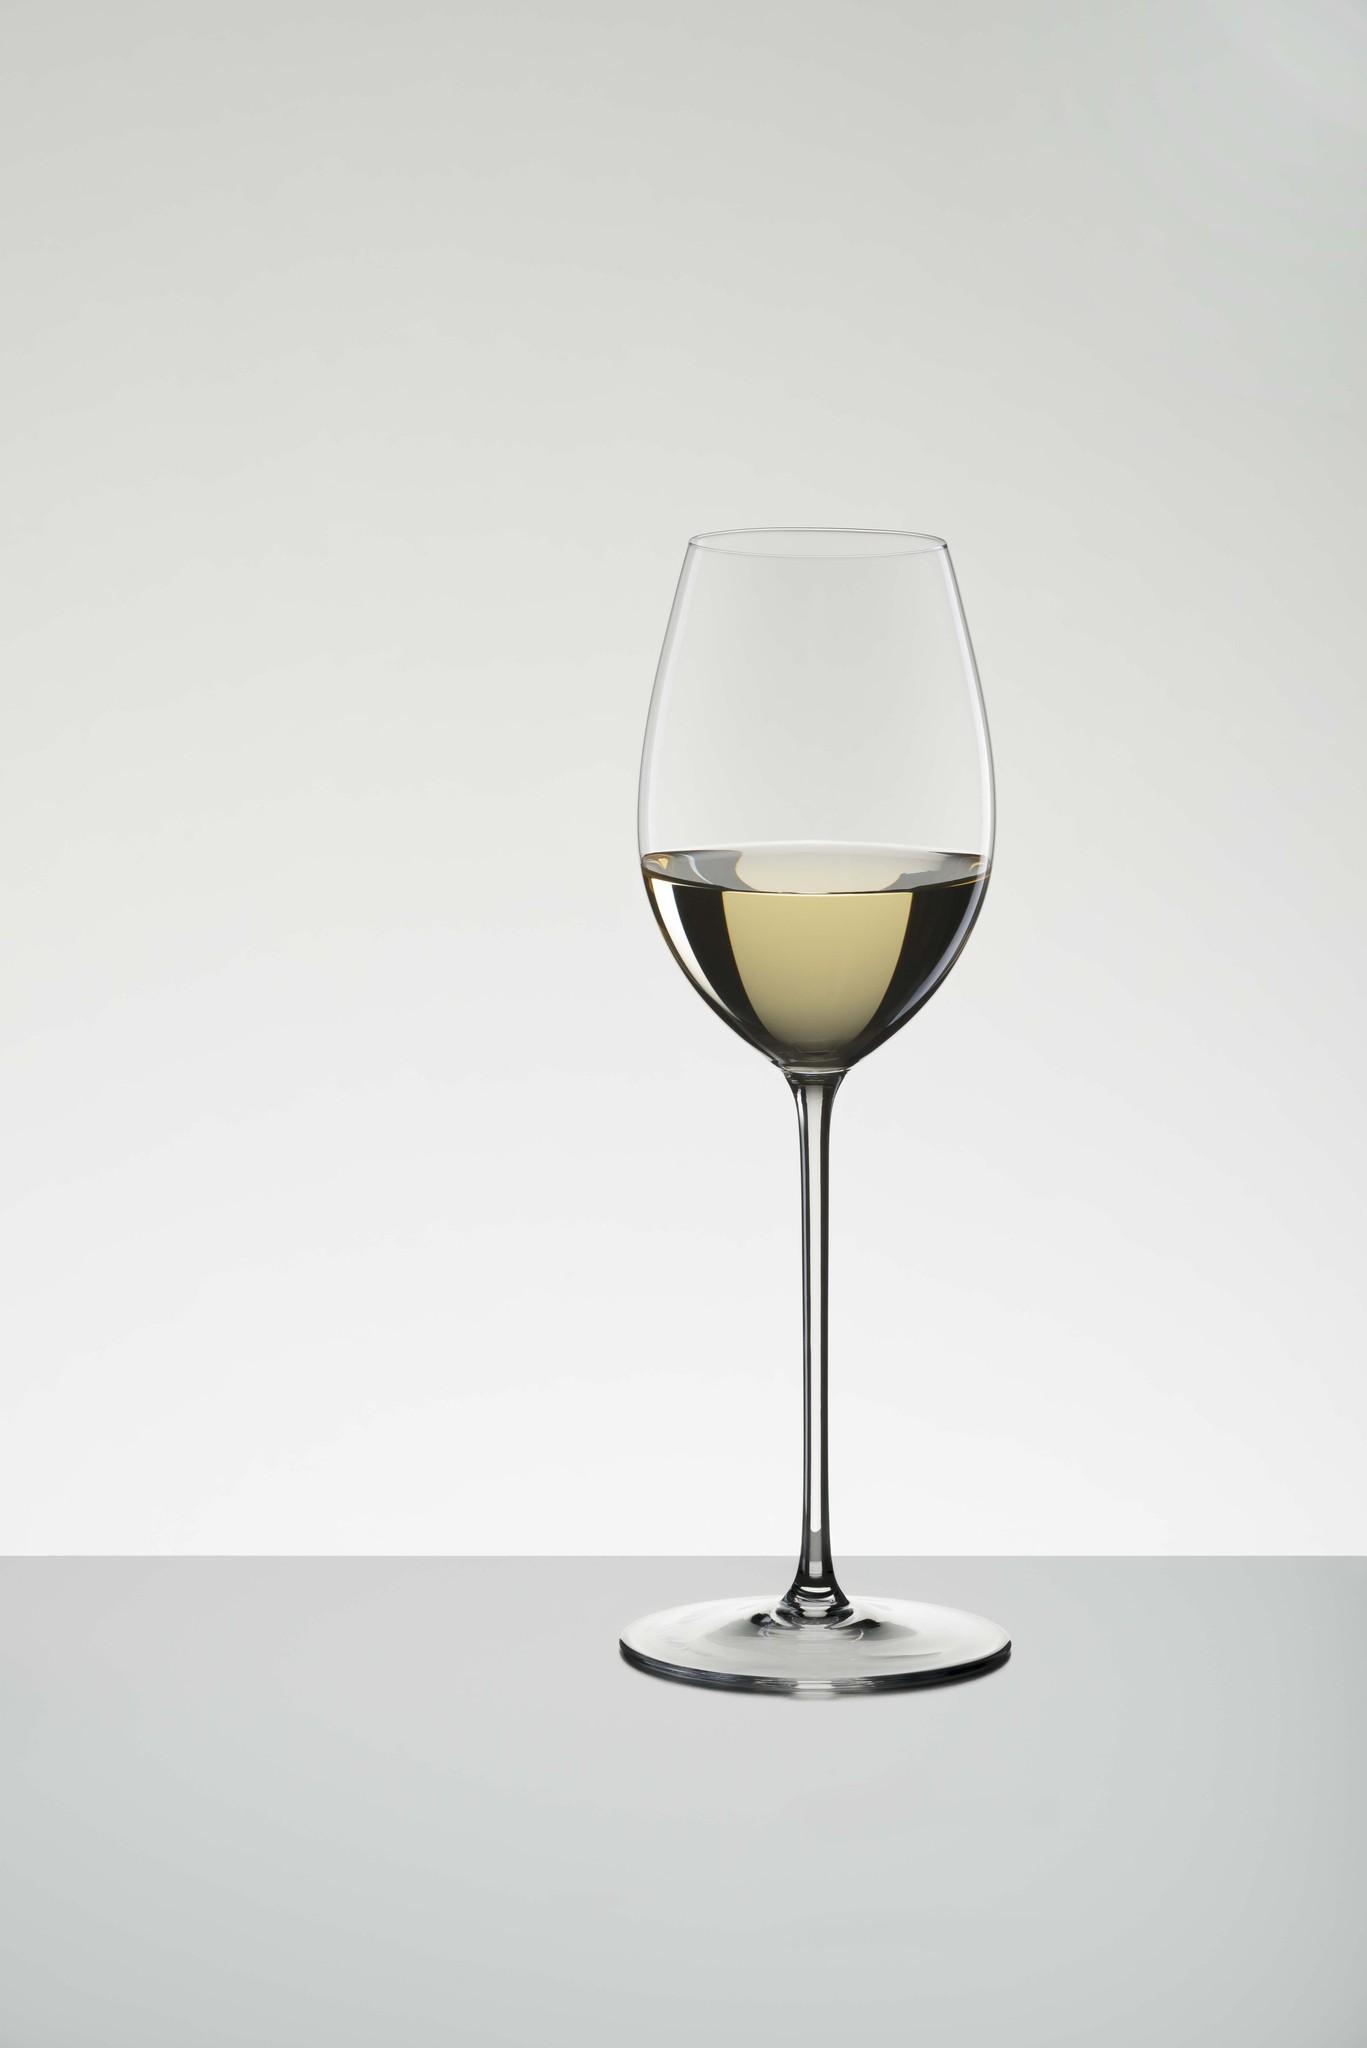 Бокалы Бокал для белого вина 350мл Riedel Superleggero Loire bokal-dlya-belogo-vina-350ml-riedel-superleggero-loire-avstriya.jpg